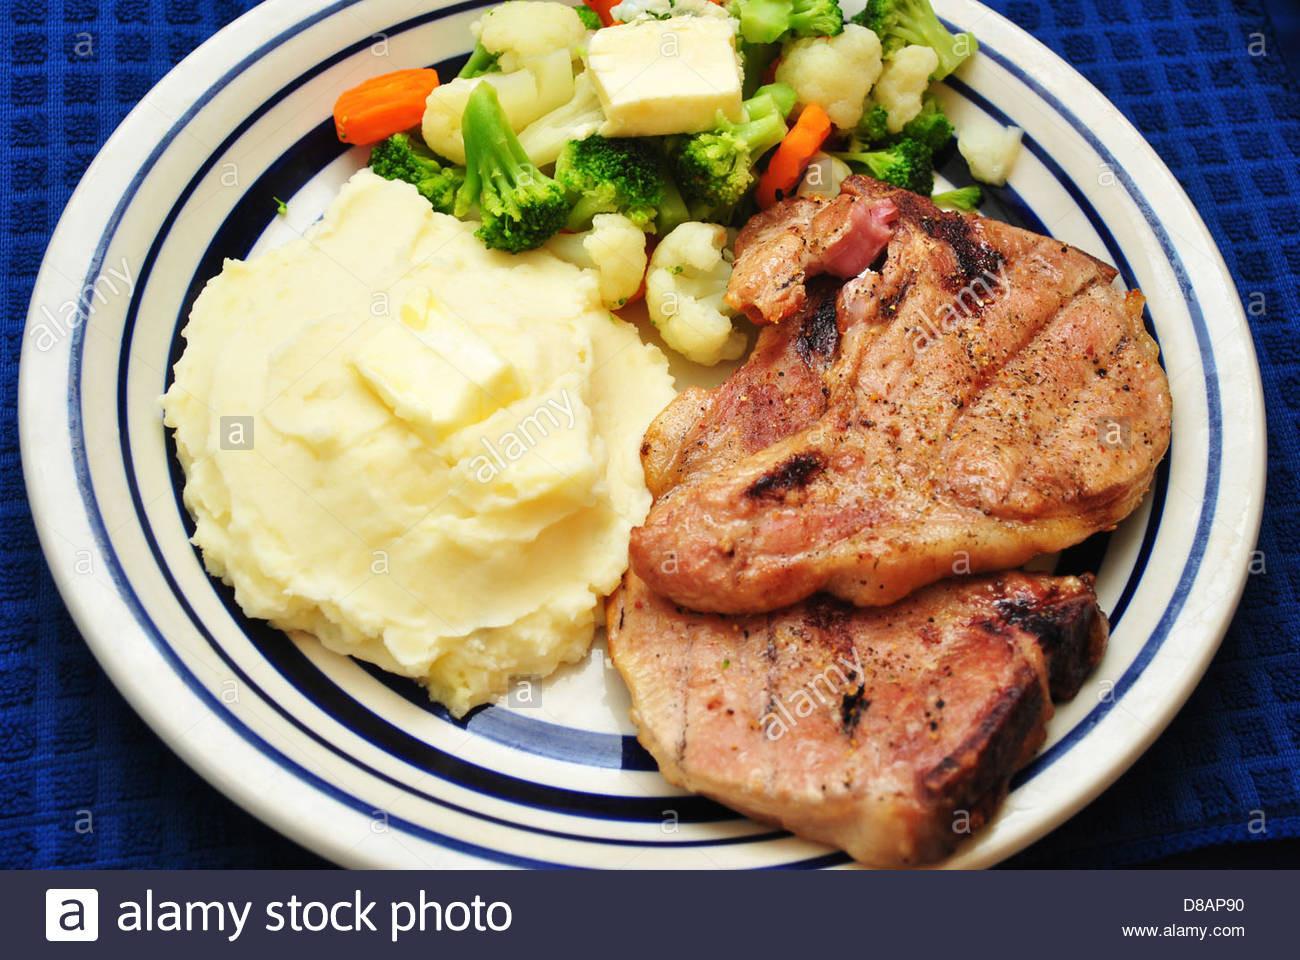 Sides With Pork Chops  sides for grilled steak dinner